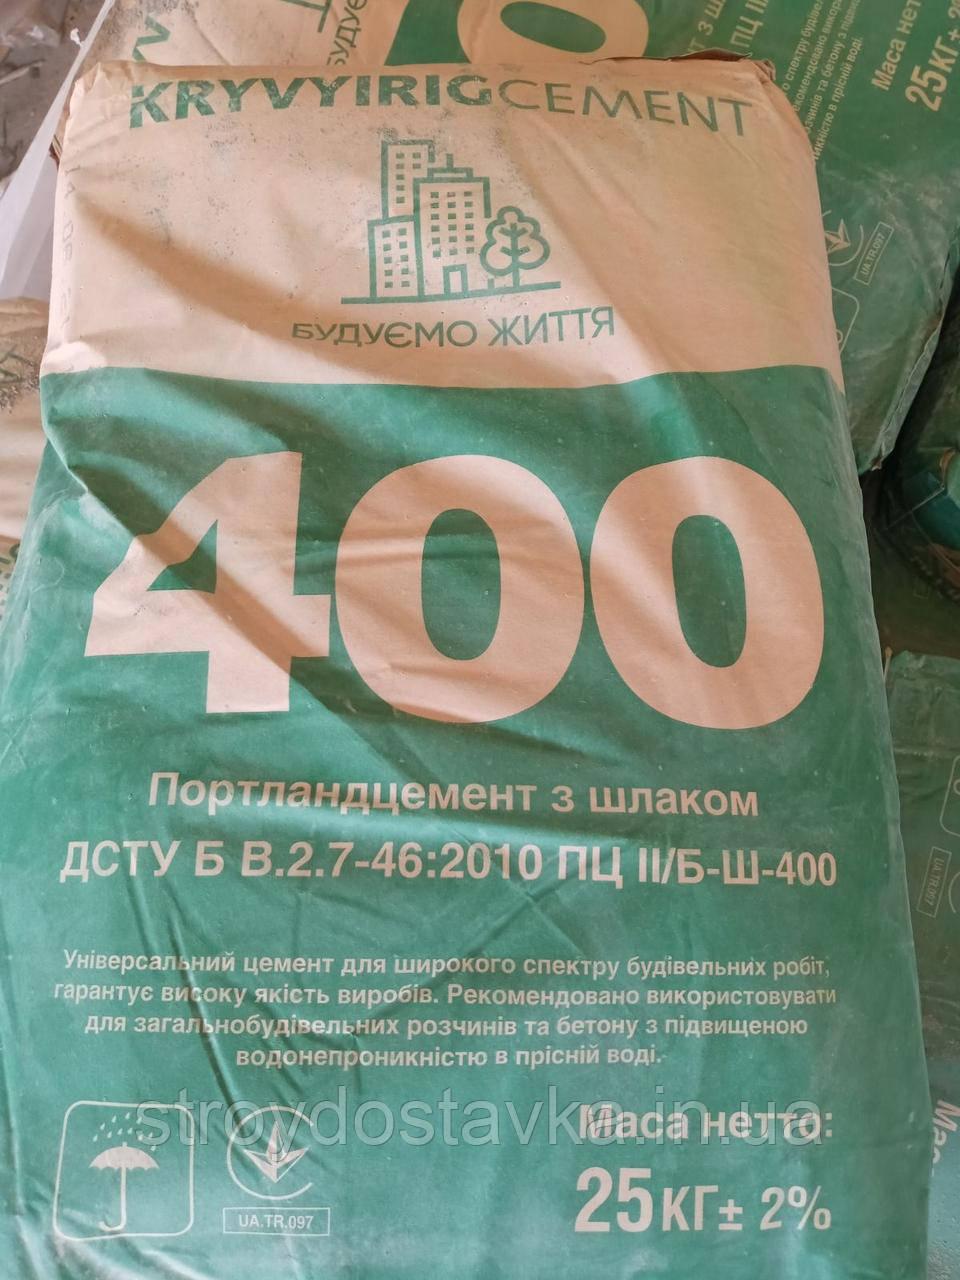 Цемент марки М-400 в мішках по 25 кг Кривий Ріг ПЦ II/ Б-Ш-400( 25кг), Дніпропетровськ